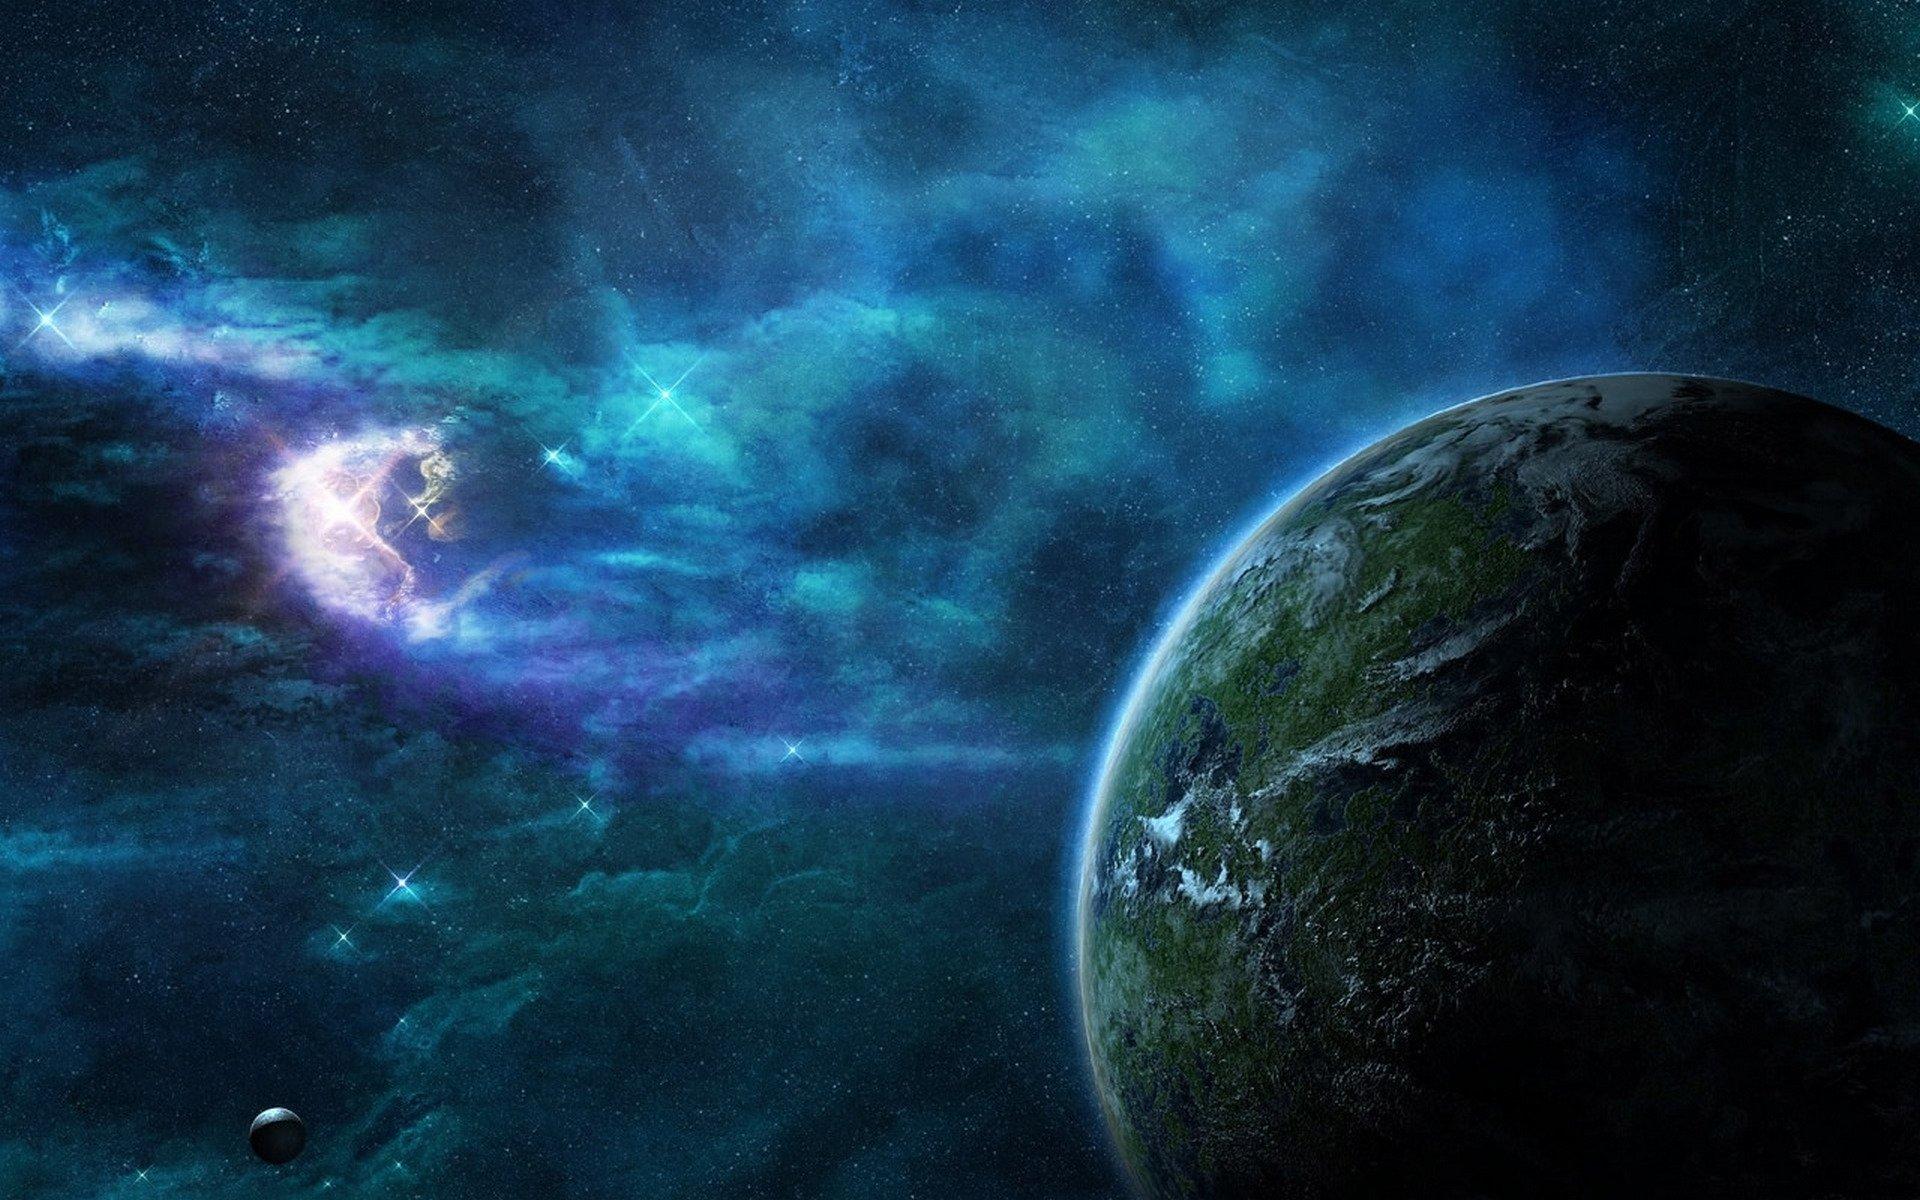 Обои планета космос орбита картинки на рабочий стол на тему Космос - скачать  № 1757069 загрузить